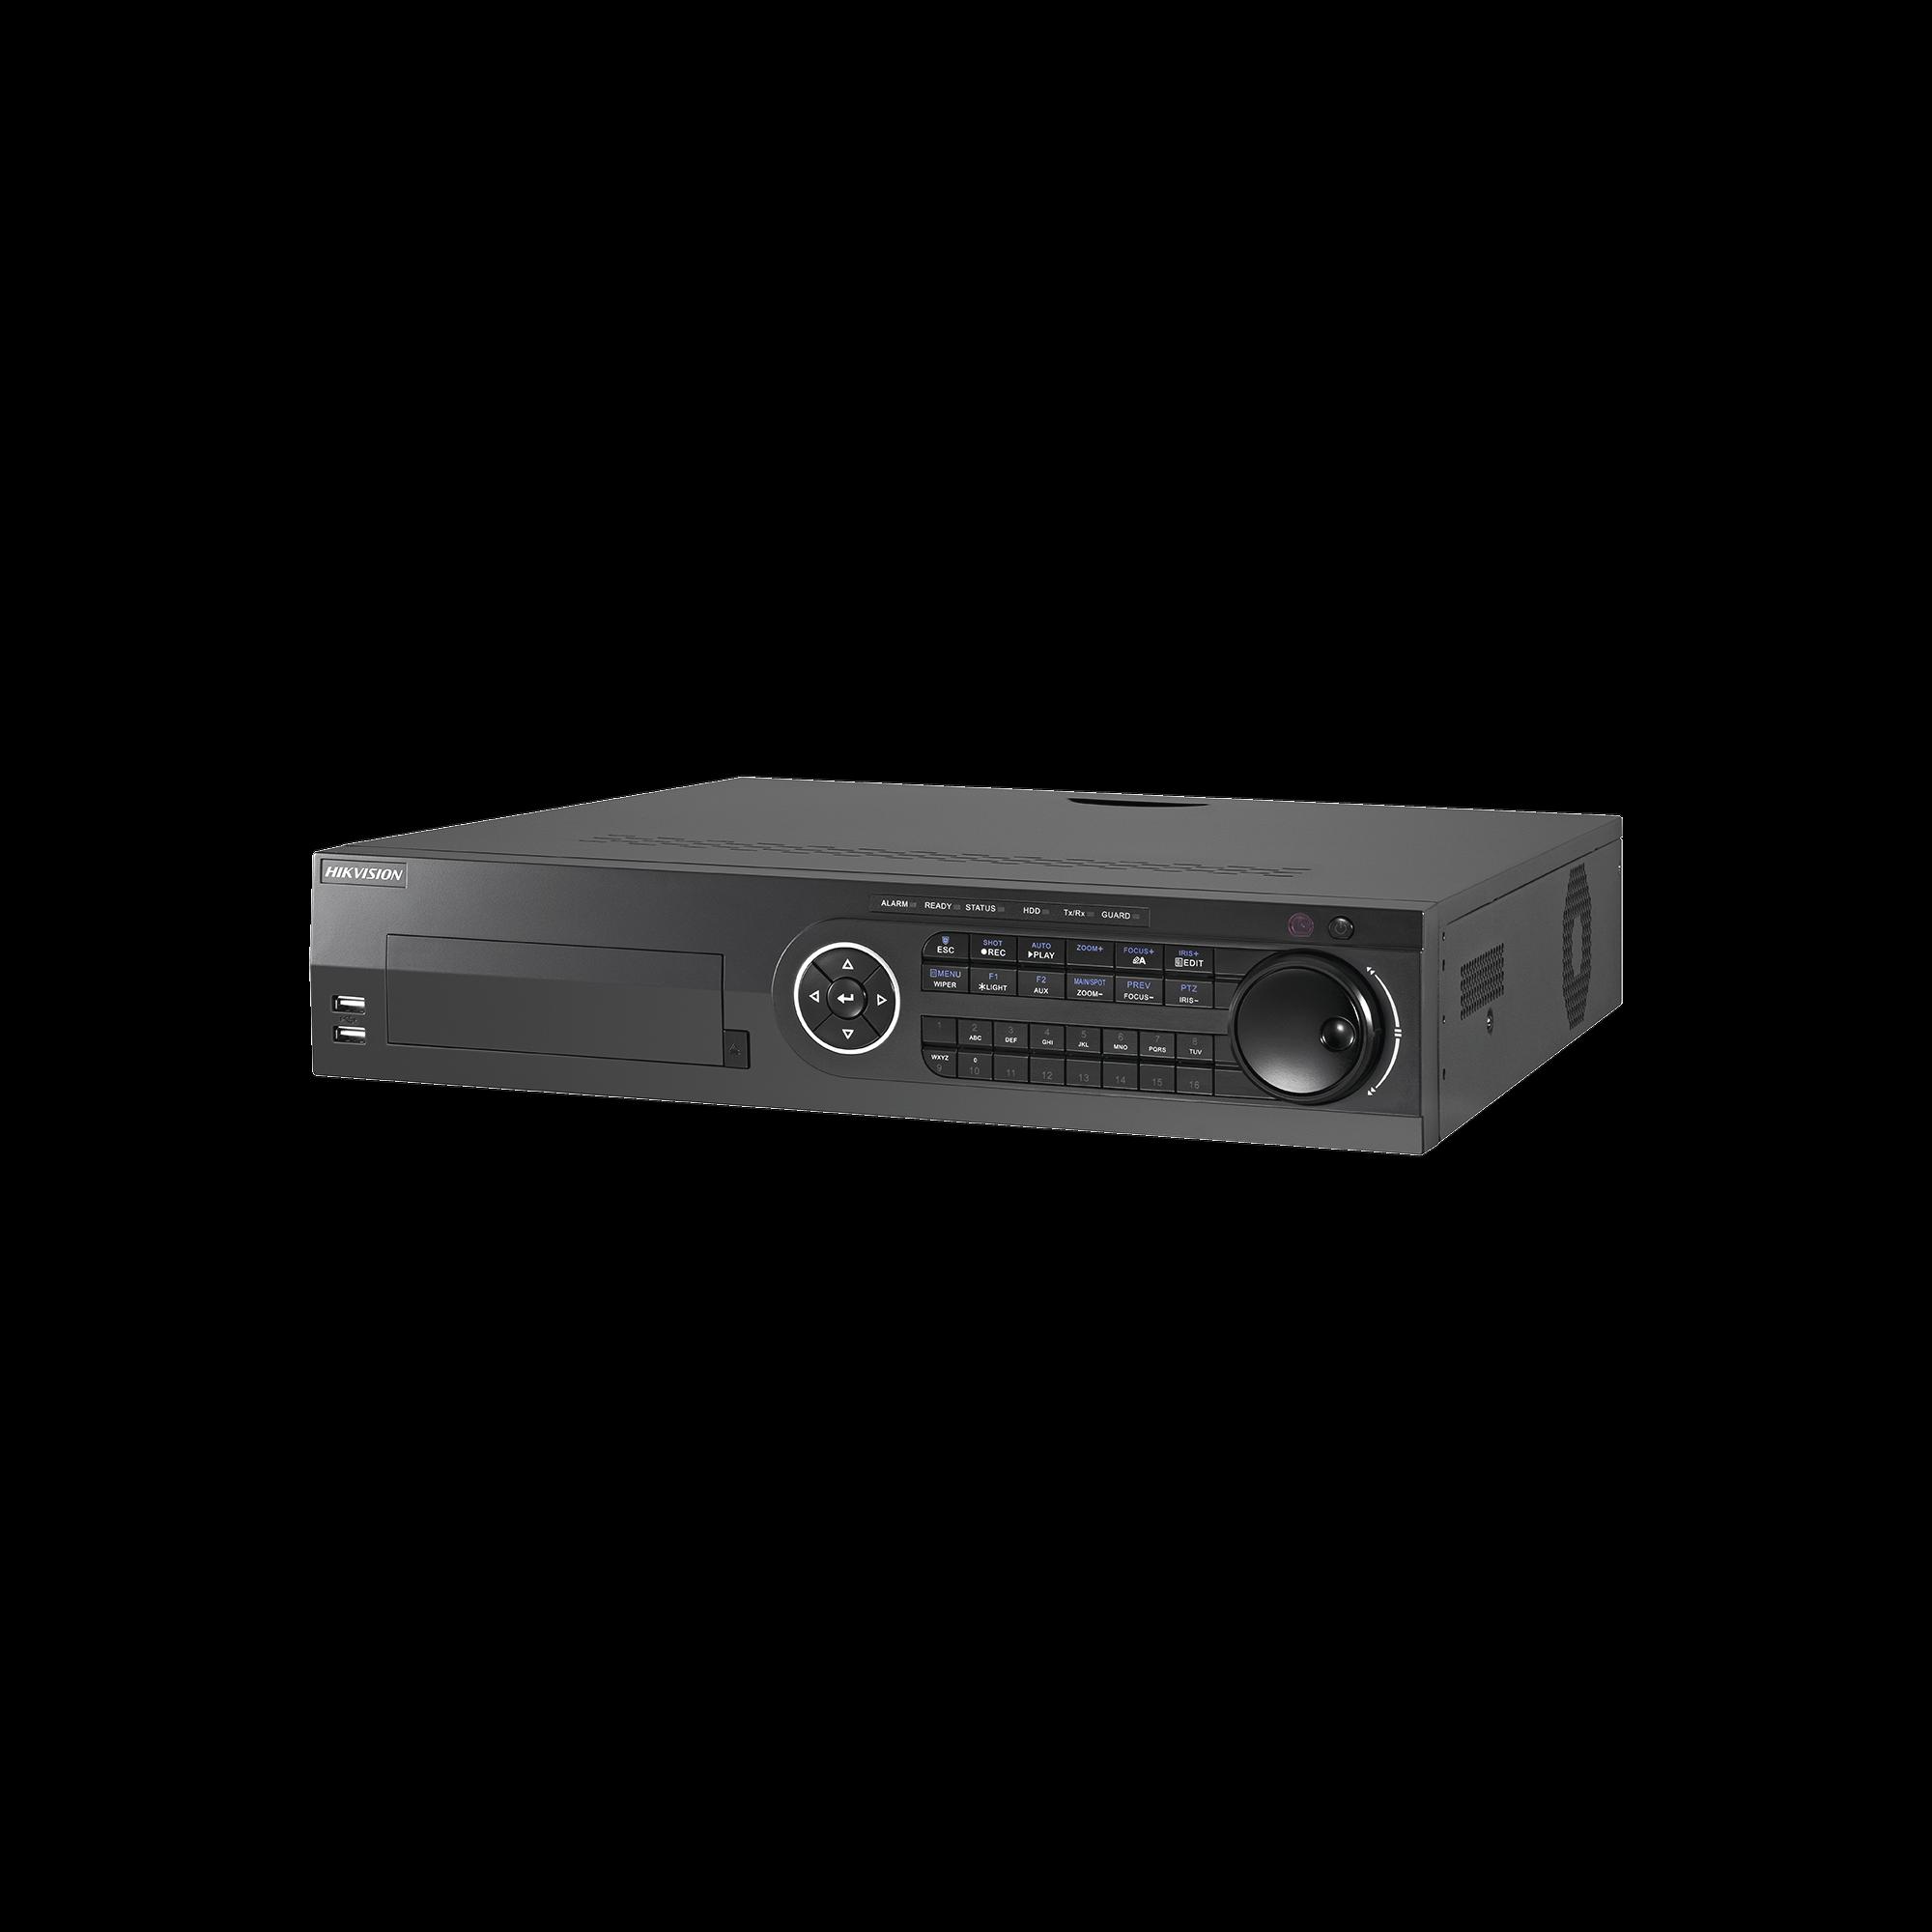 DVR 4 Megapixel / 24 Canales TURBOHD + 16 Canales IP / 8 Bahías de Disco Duro / 16 canales de Audio / 16 Entradas de  Alarma